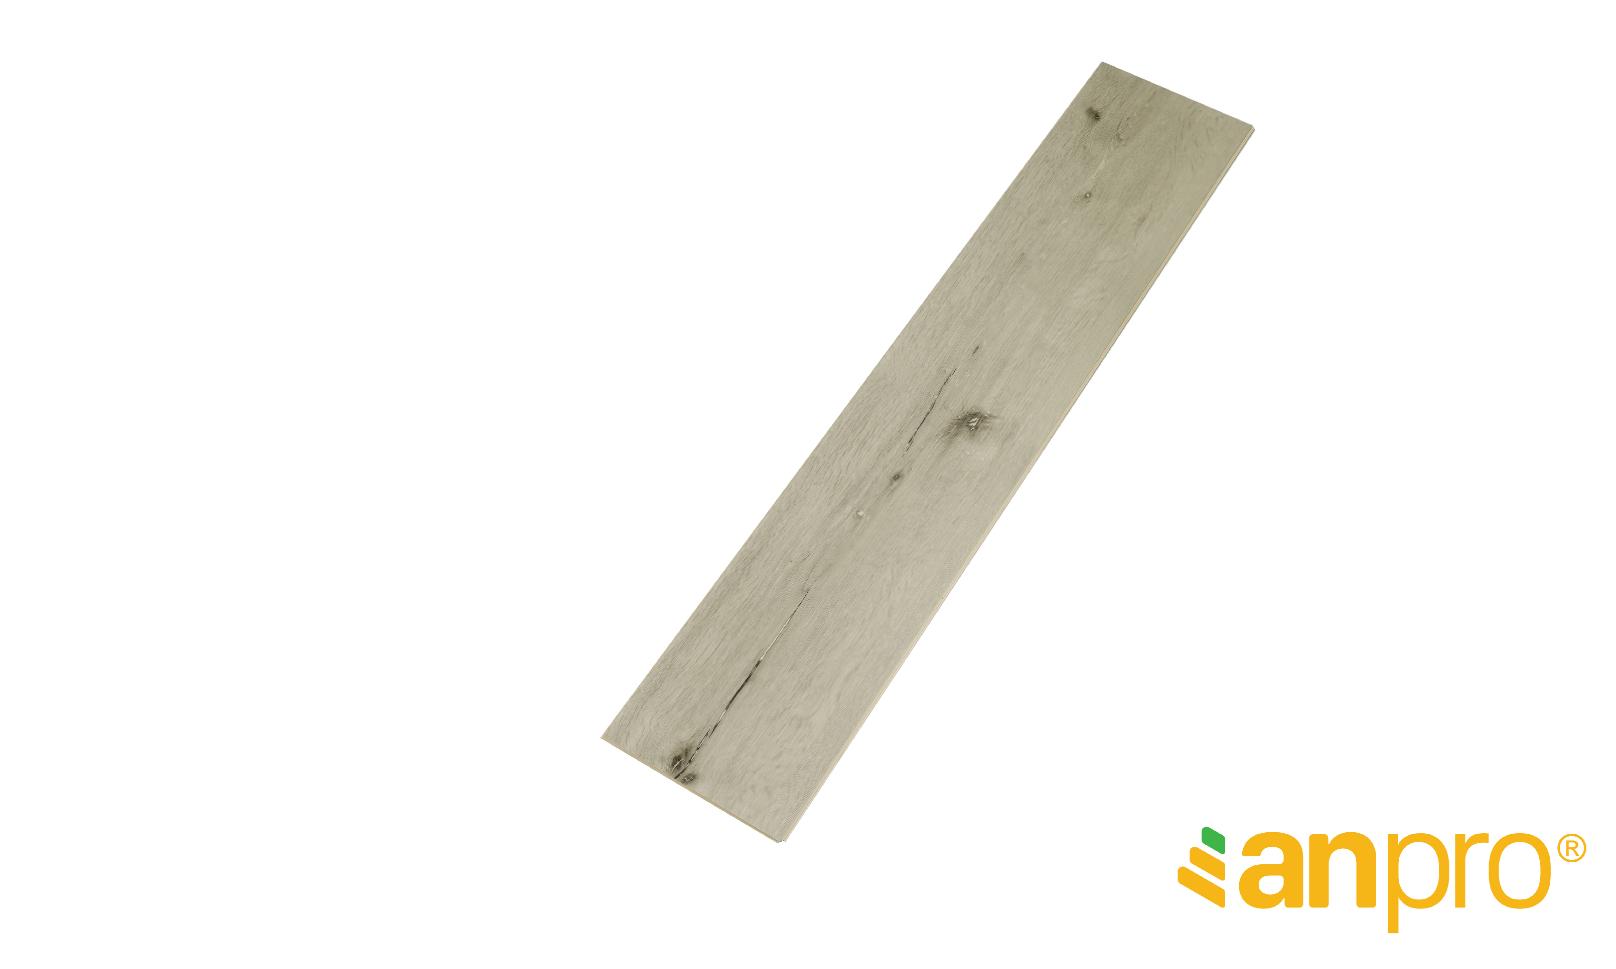 SA88 AnPro 01 - Sàn AnPro vân gỗ SA88